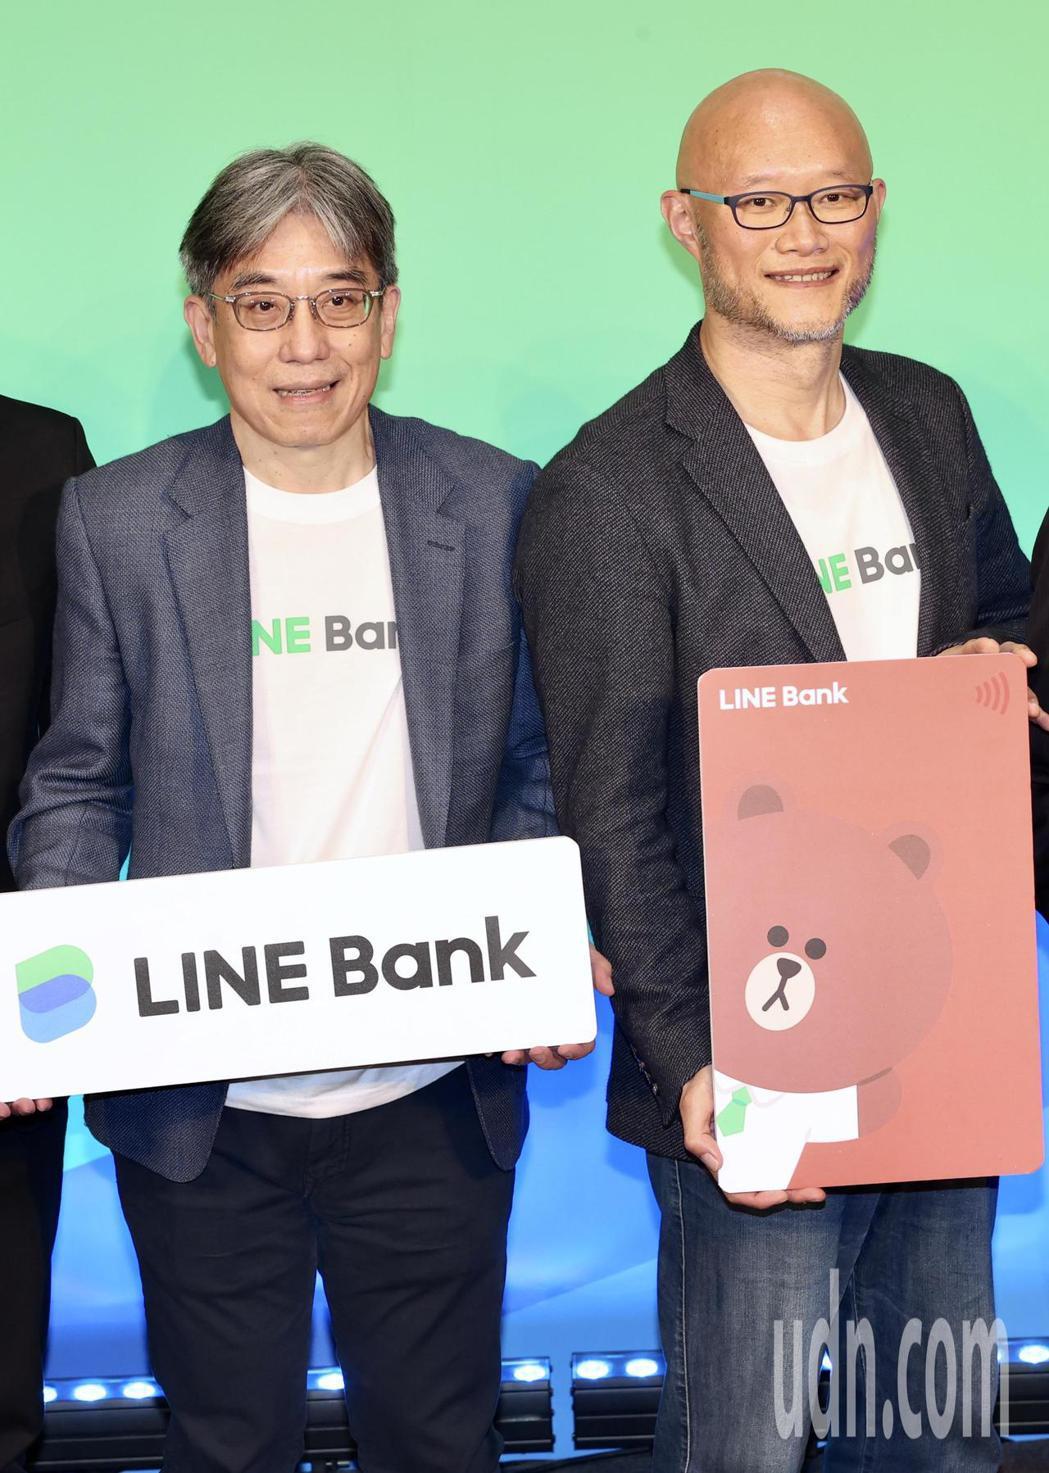 純網路銀行LINE Bank22日正式開行,將提供無卡提款、好友轉帳、分期信貸等...